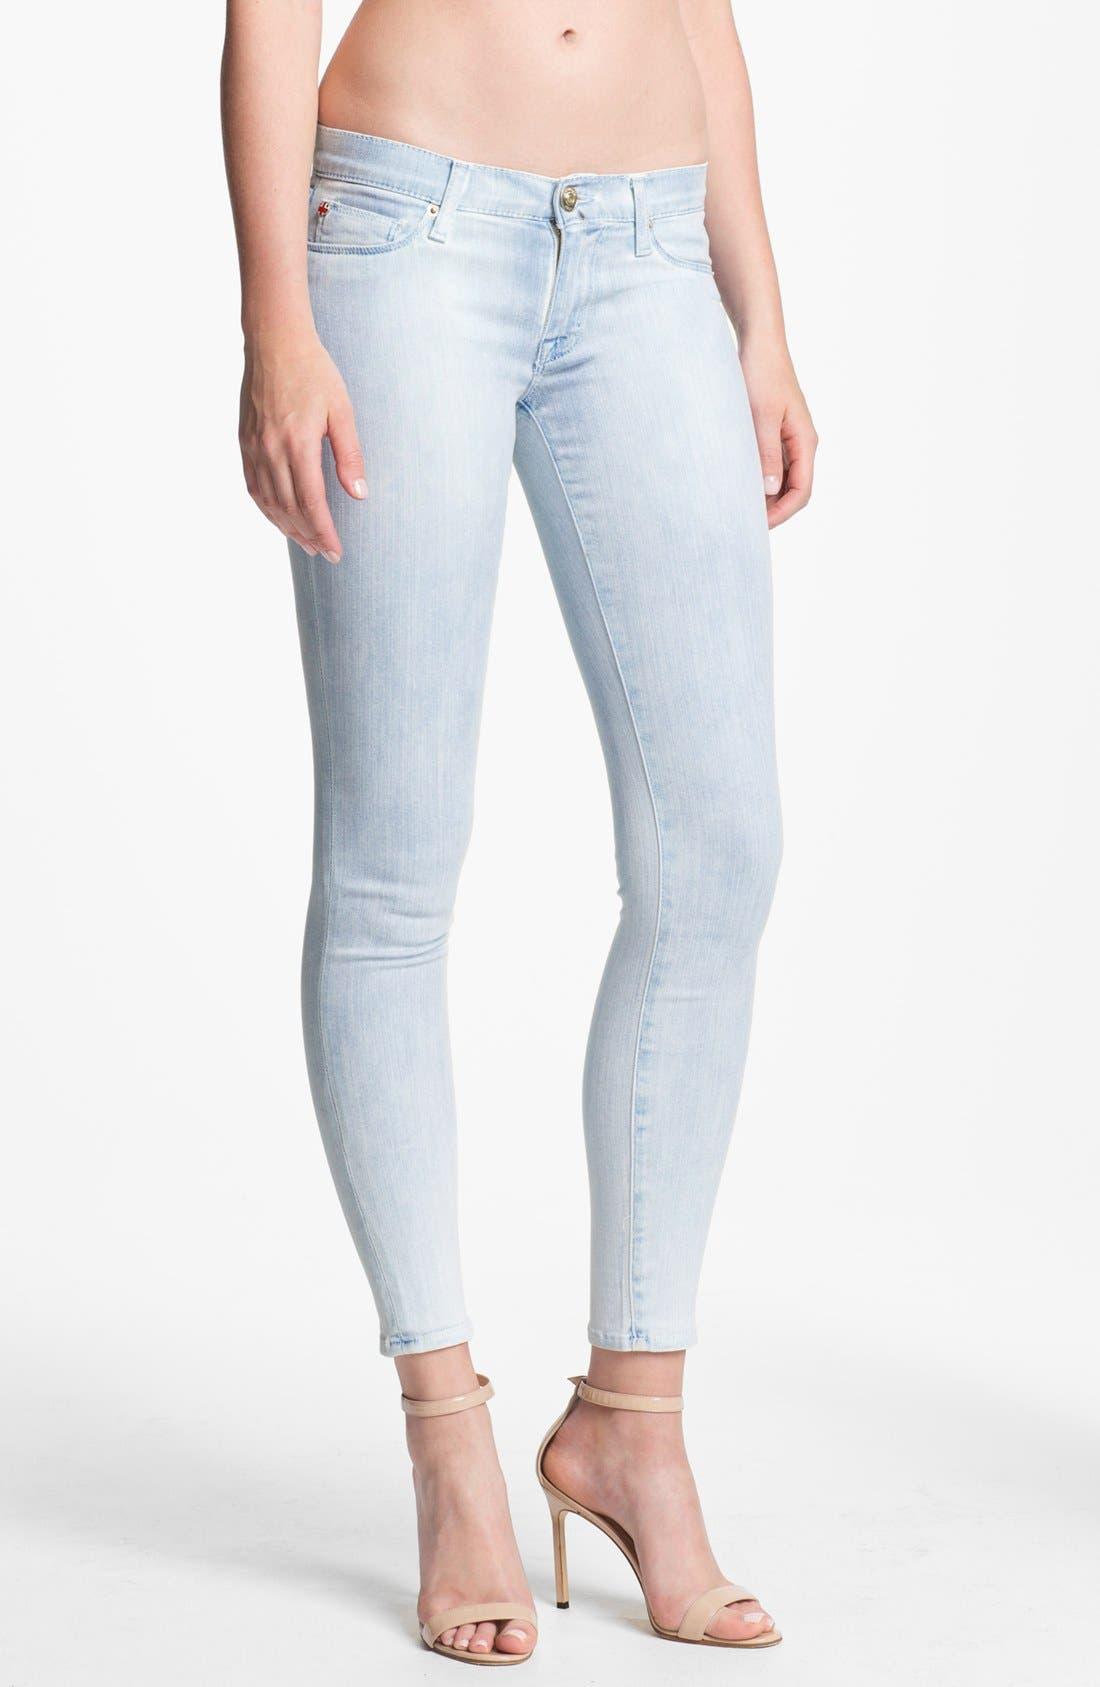 Main Image - Hudson Jeans 'Krista' Super Skinny Jeans (Bondi Blue)